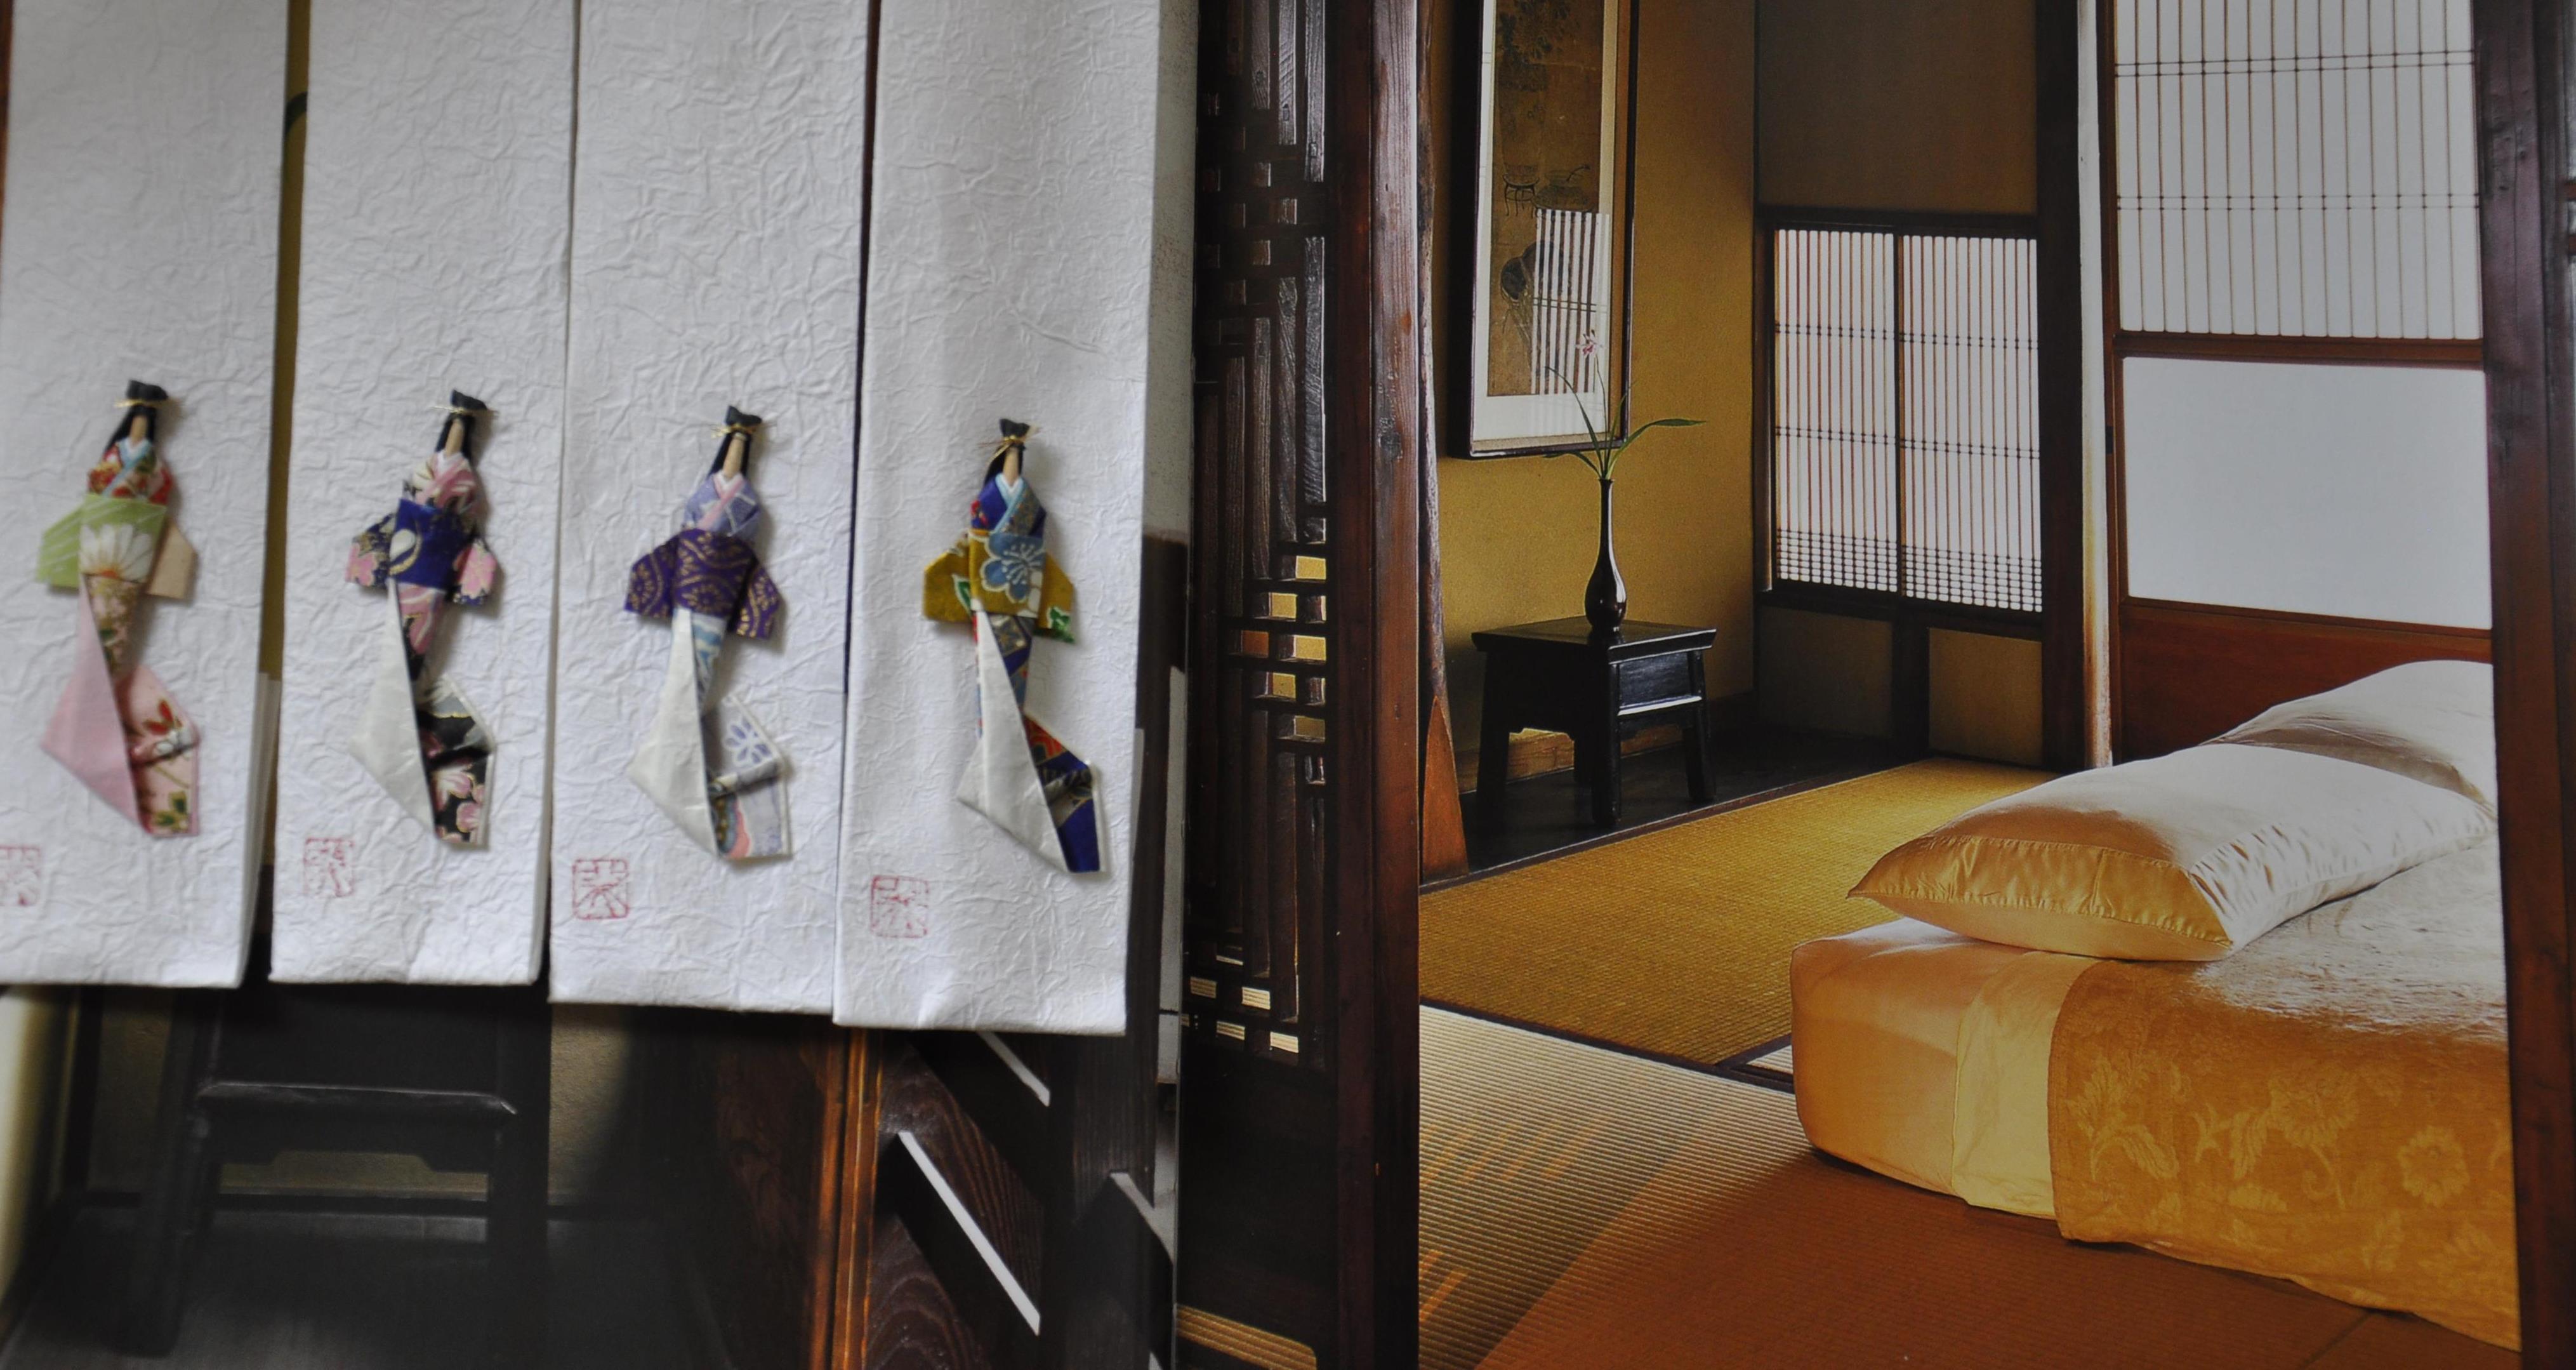 Das einzige Ziel der Familie Makioka: ein japanisches Ehebett für die beiden jüngsten Schwestern